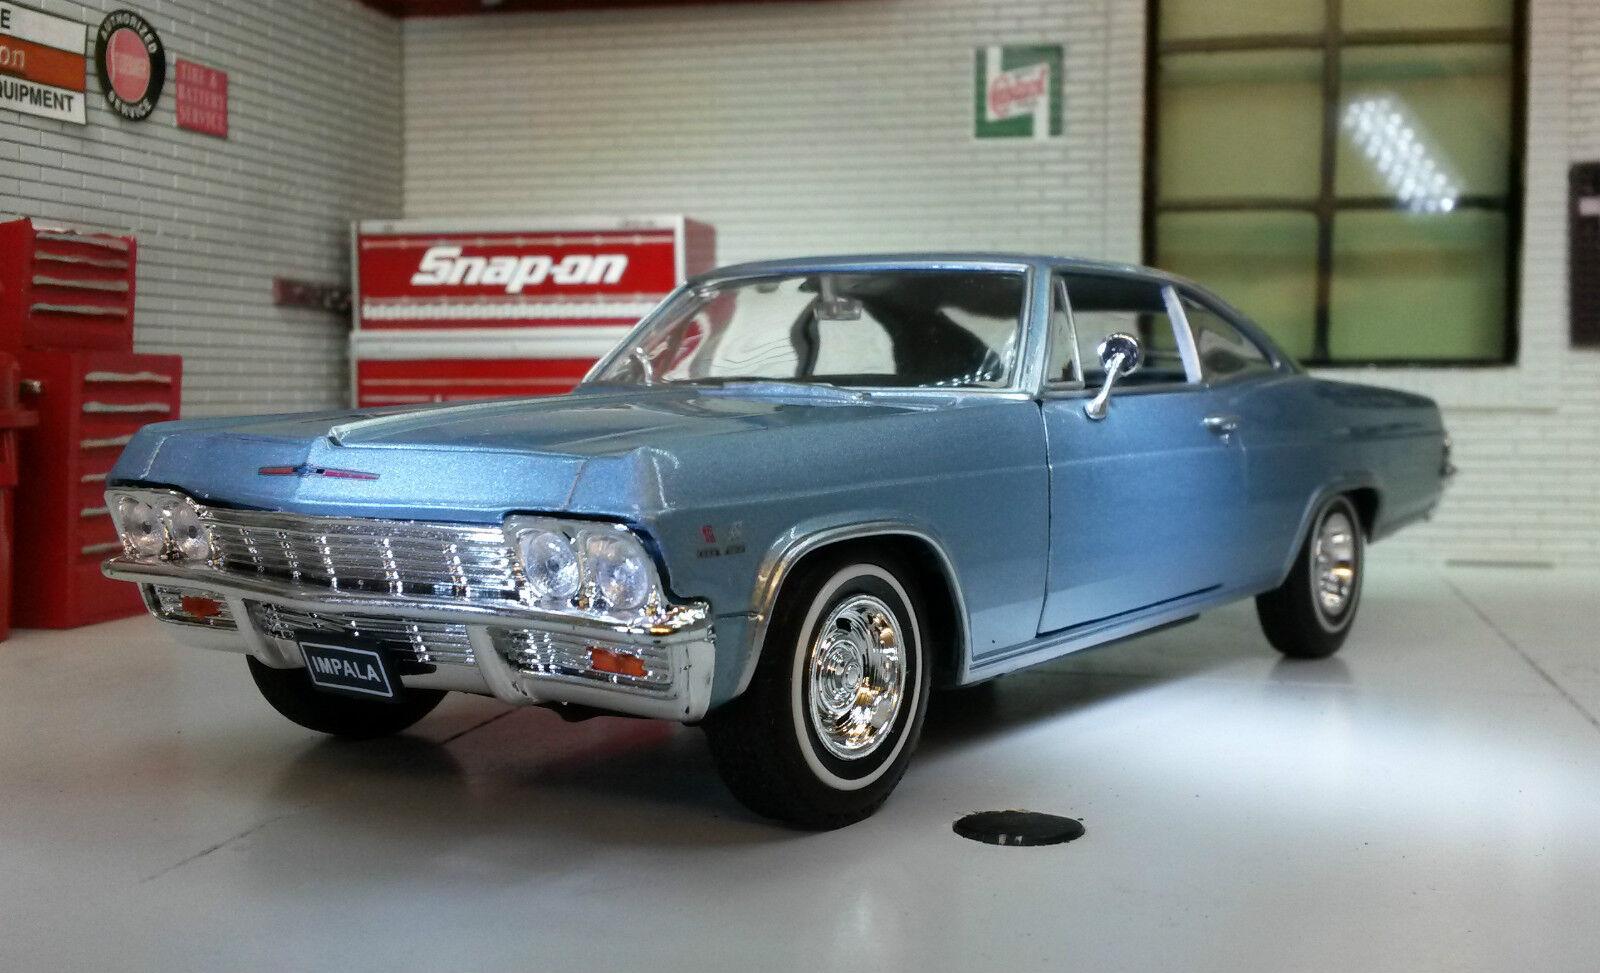 Chevrolet Impala SS 396 1965 1 24 Echelle Welly Moulage sous pression détaillé